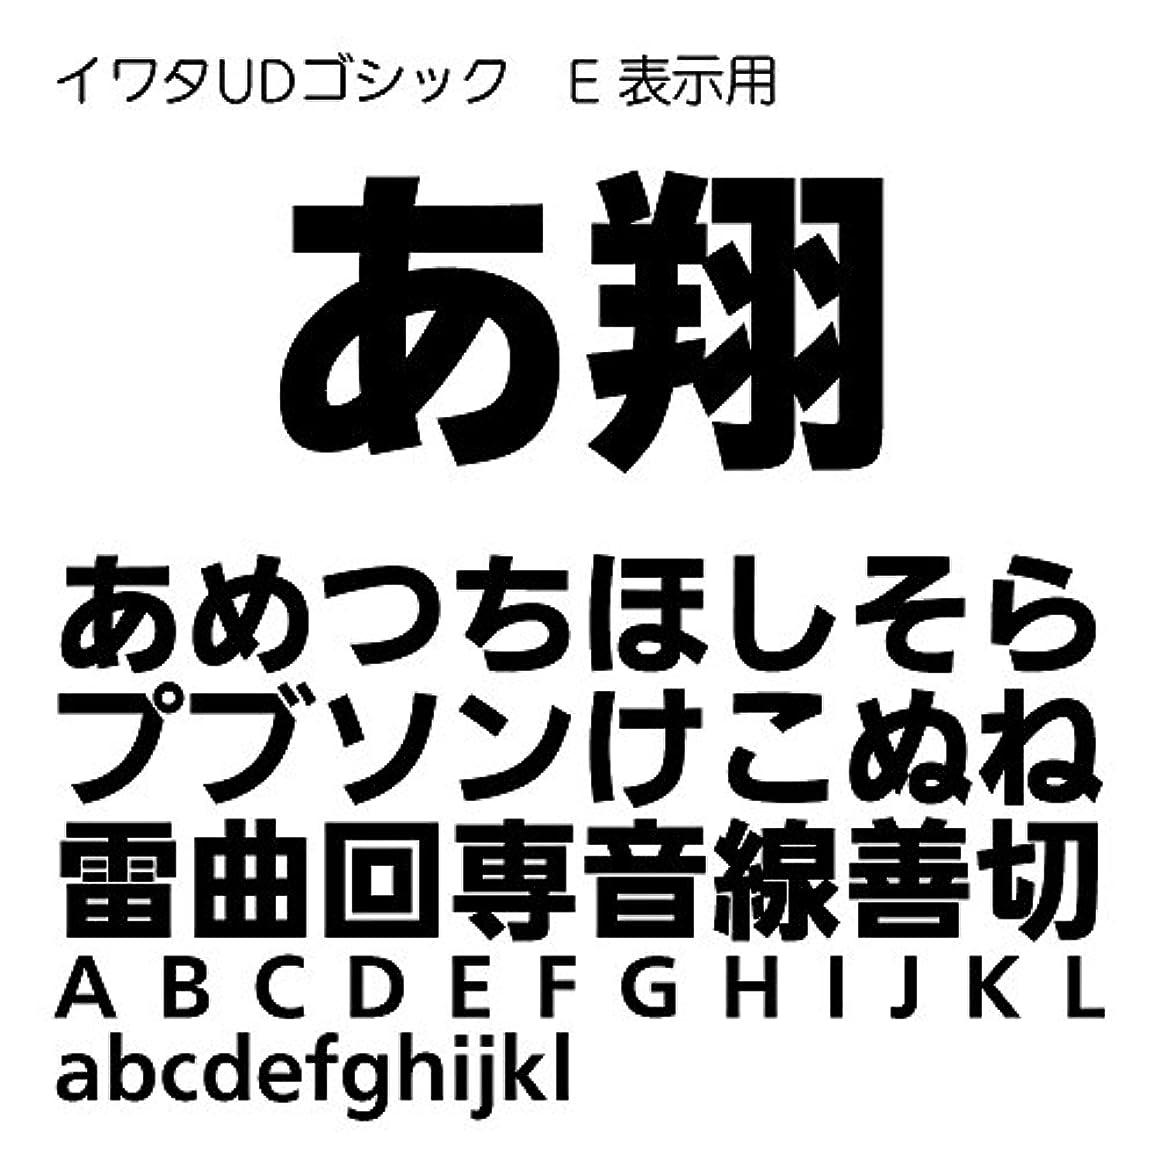 マルクス主義唇レスリングイワタUDゴシックE 表示用 TrueType Font for Windows [ダウンロード]